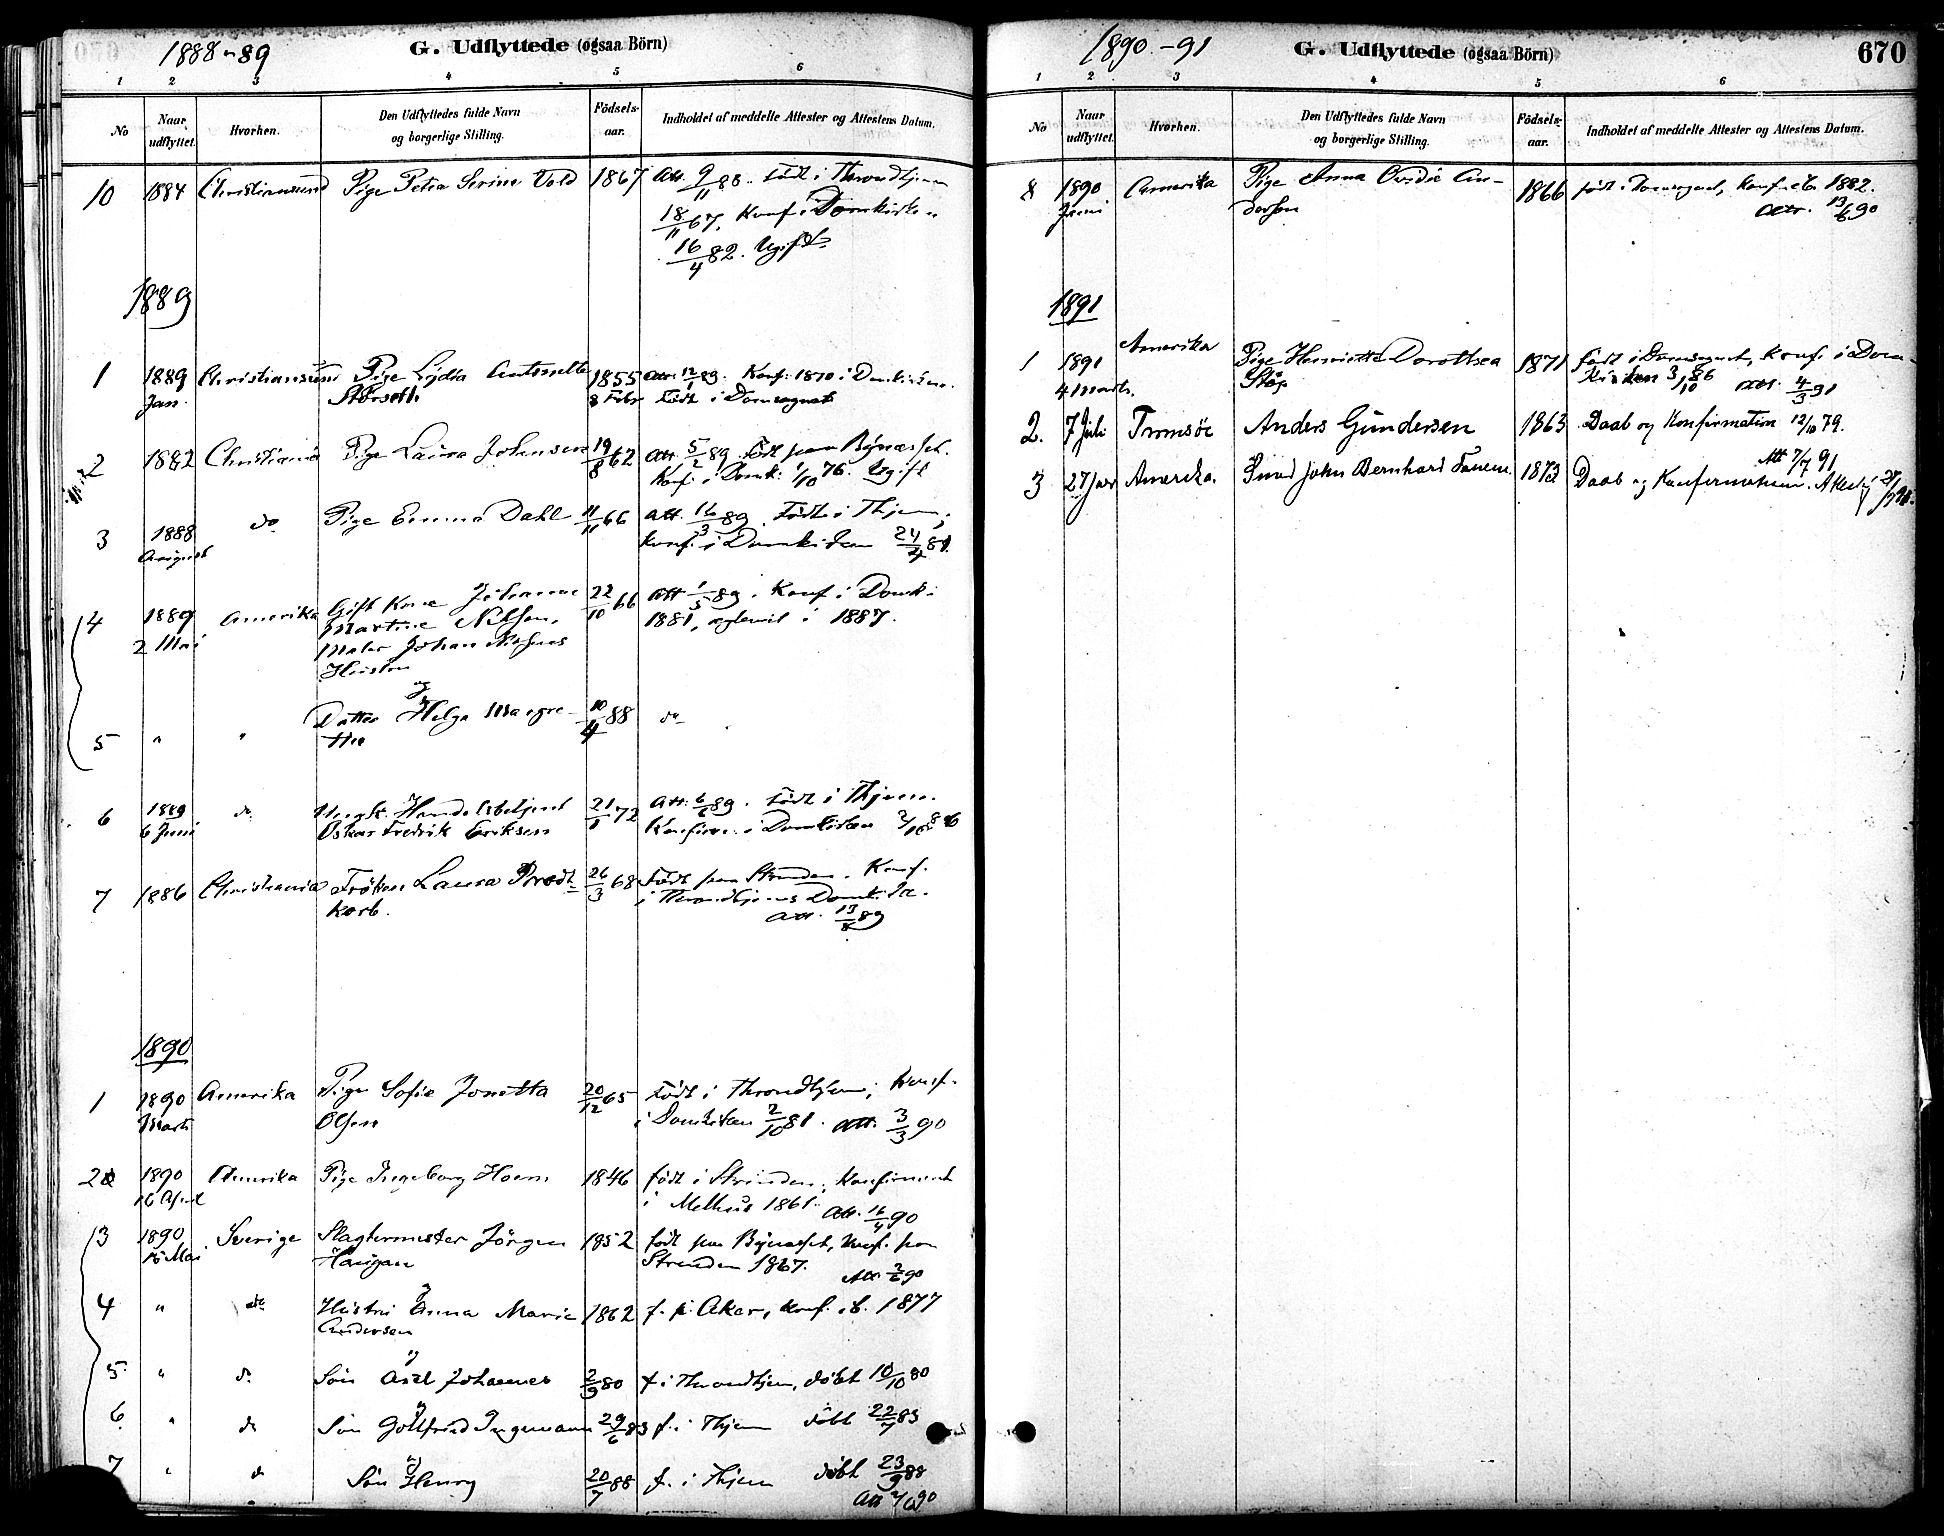 SAT, Ministerialprotokoller, klokkerbøker og fødselsregistre - Sør-Trøndelag, 601/L0058: Ministerialbok nr. 601A26, 1877-1891, s. 670